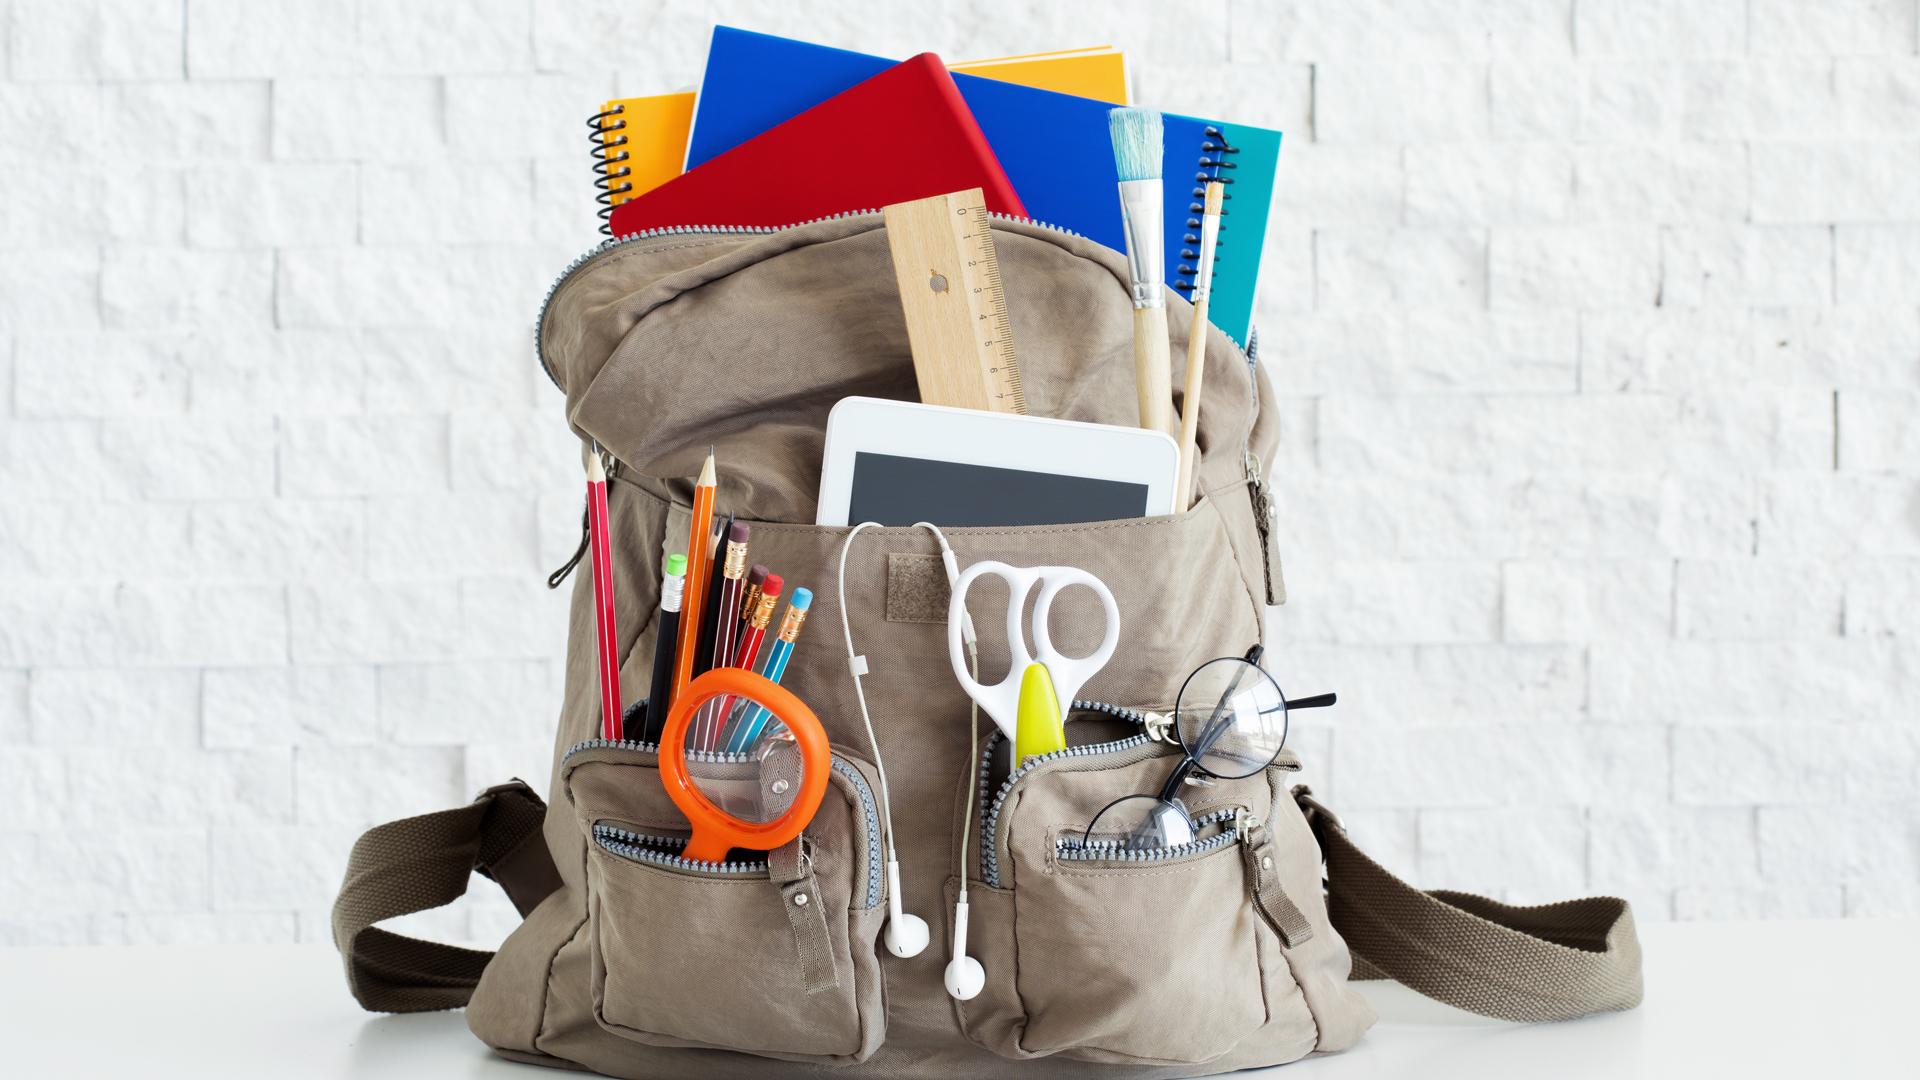 El uso de lockers en las escuelas sería ideal para que los niños puedan dejar los libros o útiles más pesados (Getty)